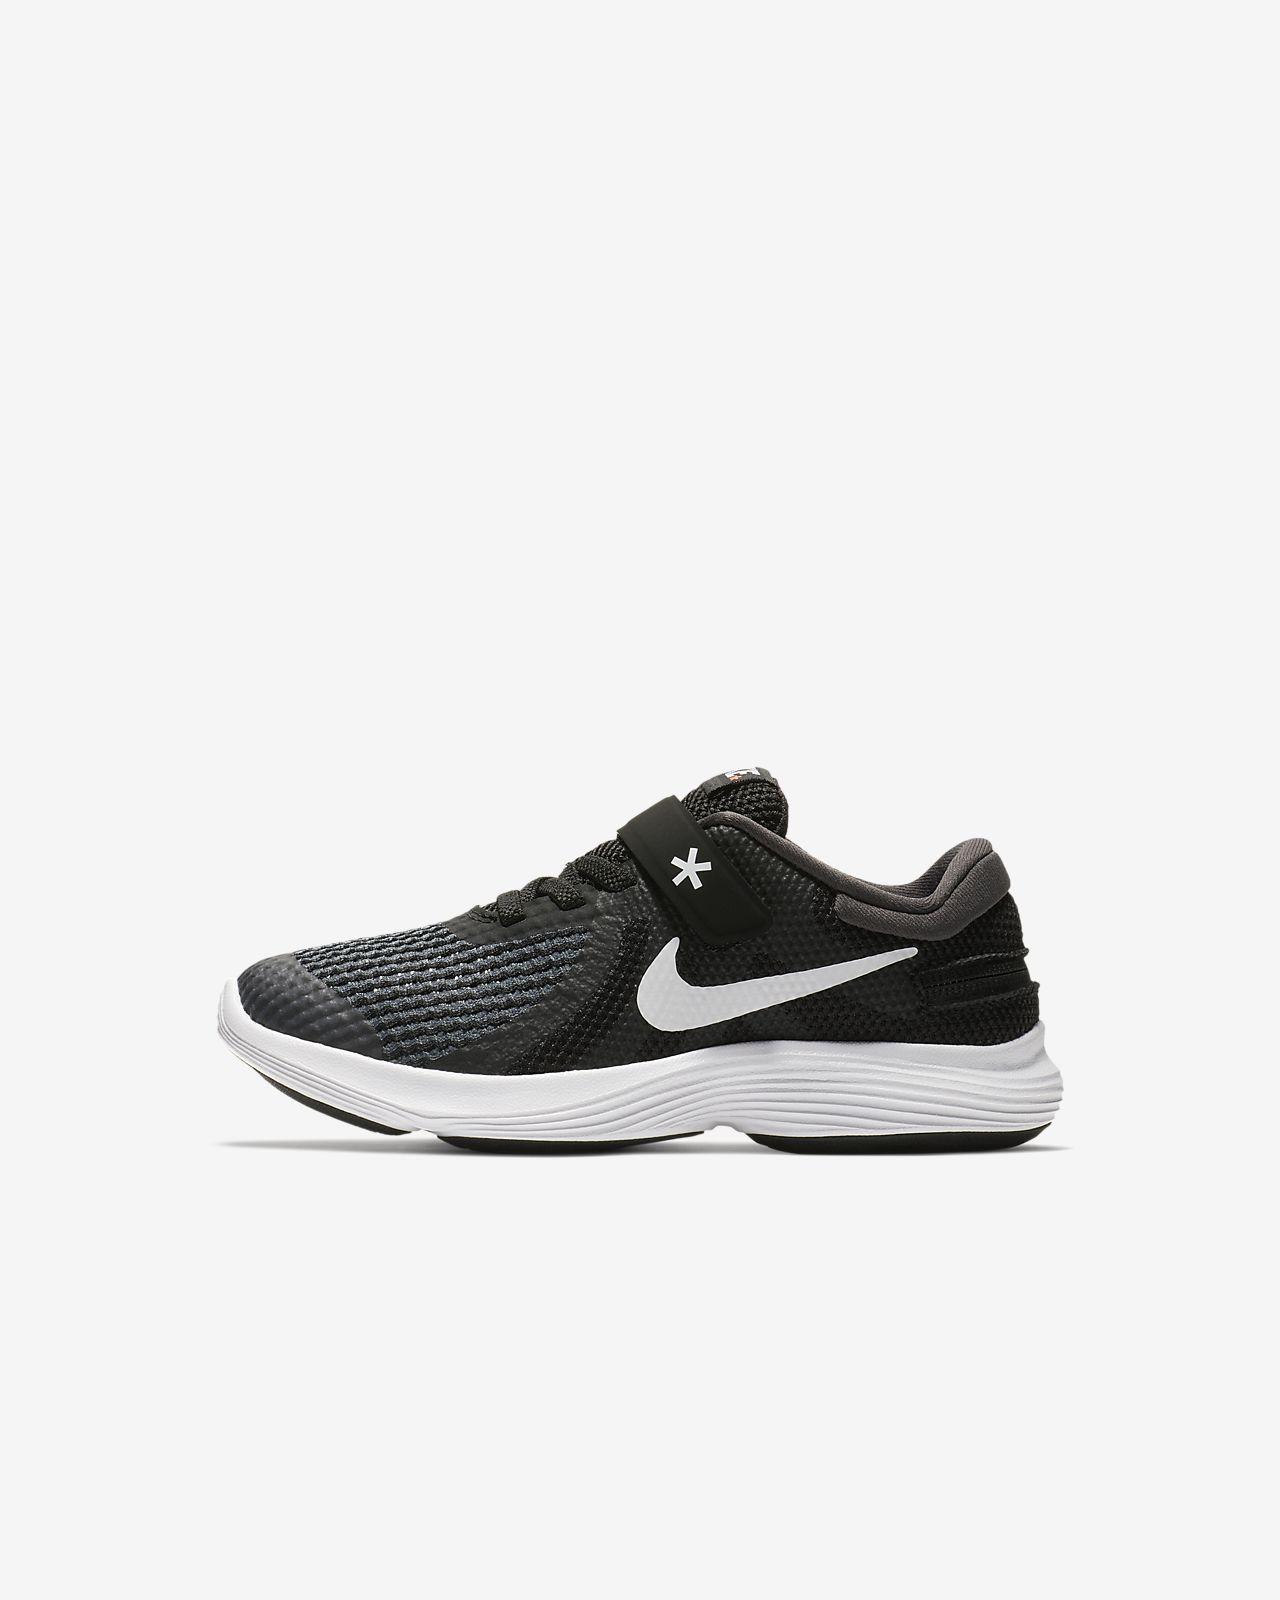 Παπούτσι Nike Revolution 4 FlyEase για μικρά παιδιά